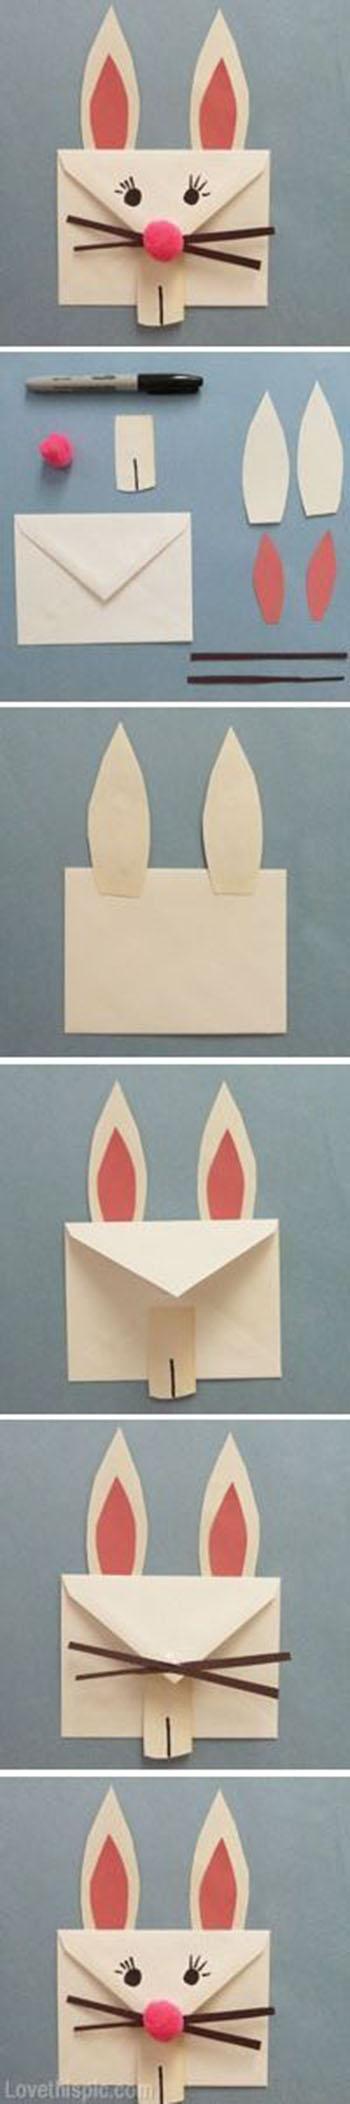 DIY Bunny Envelope11